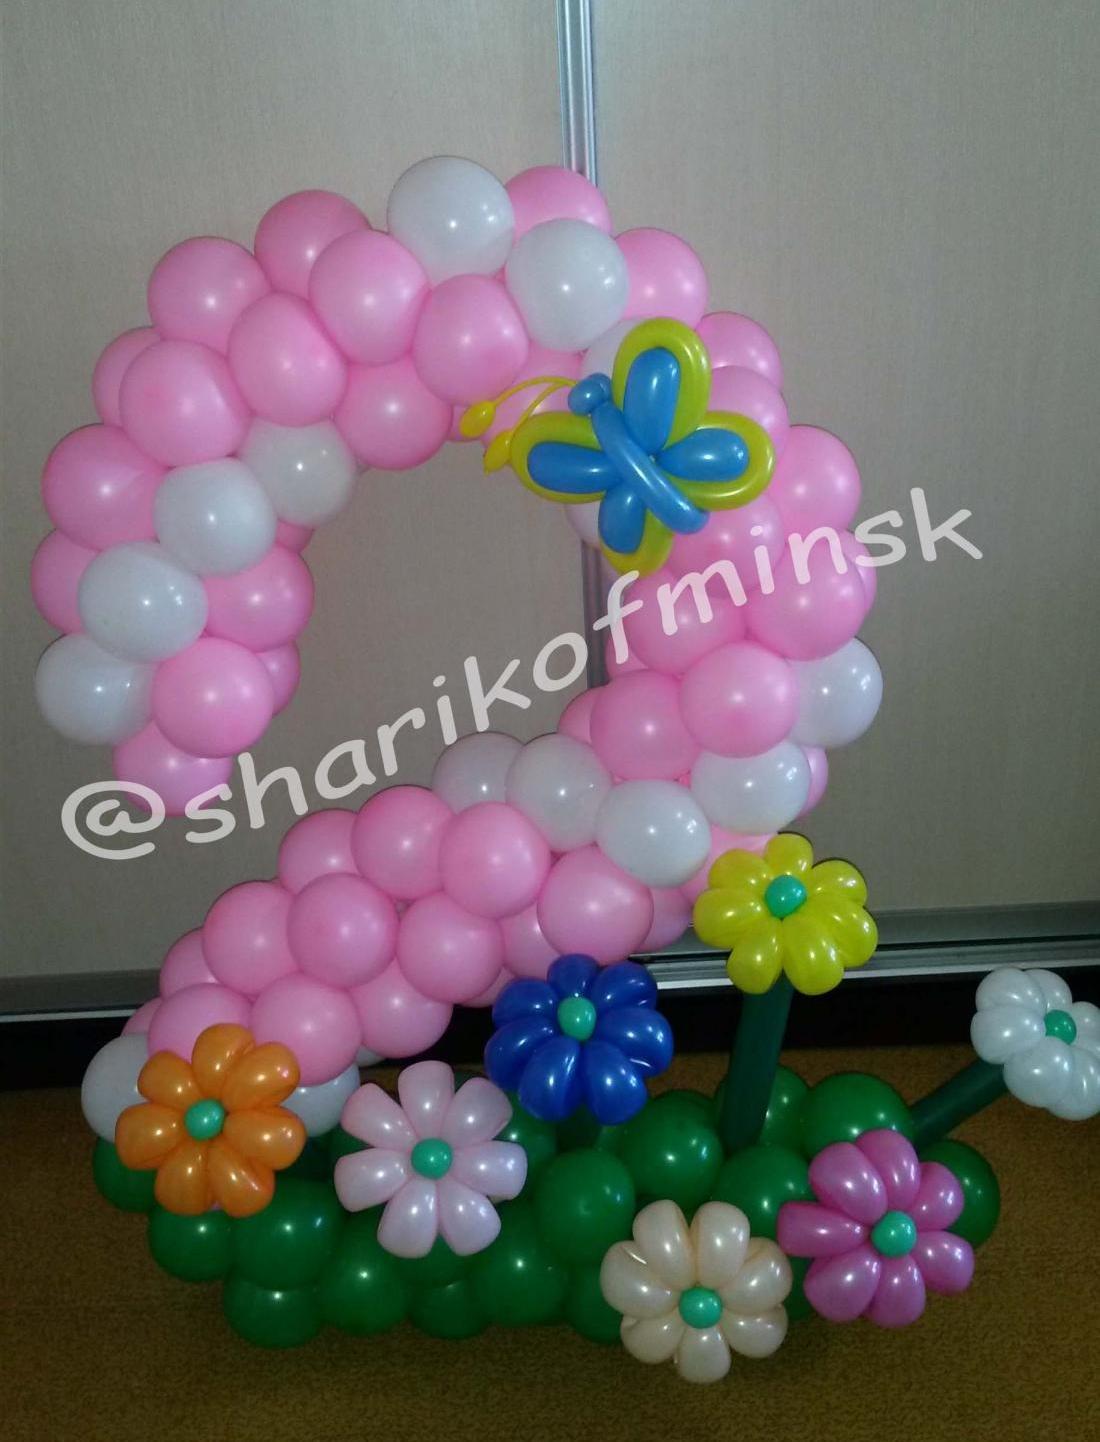 Латексные, фольгированные, гелиевые шары, шары-гиганты от 0,40 руб/шт.